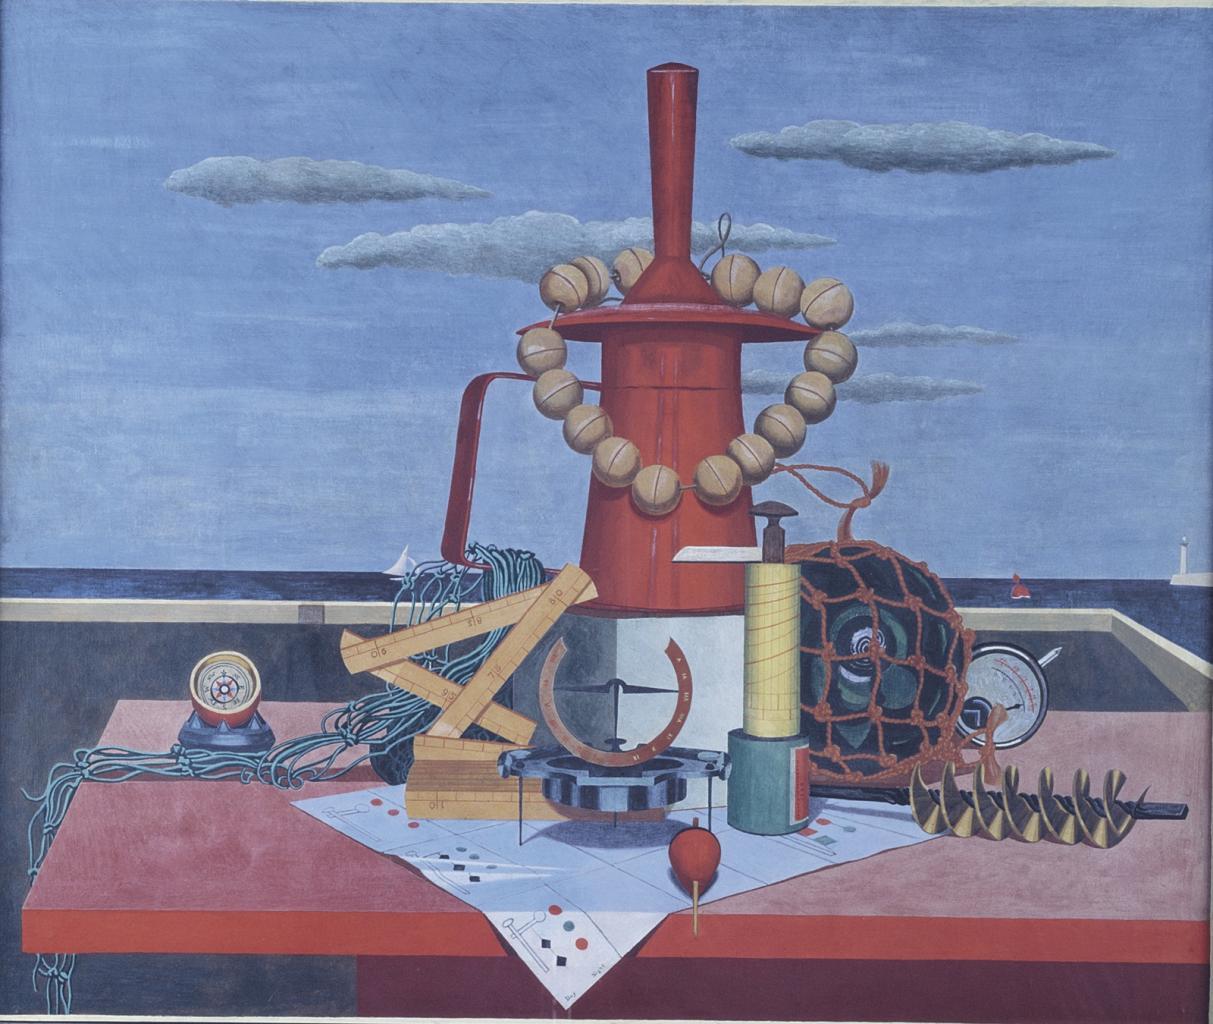 爱德华‧沃兹沃思《远航之宝》的图片